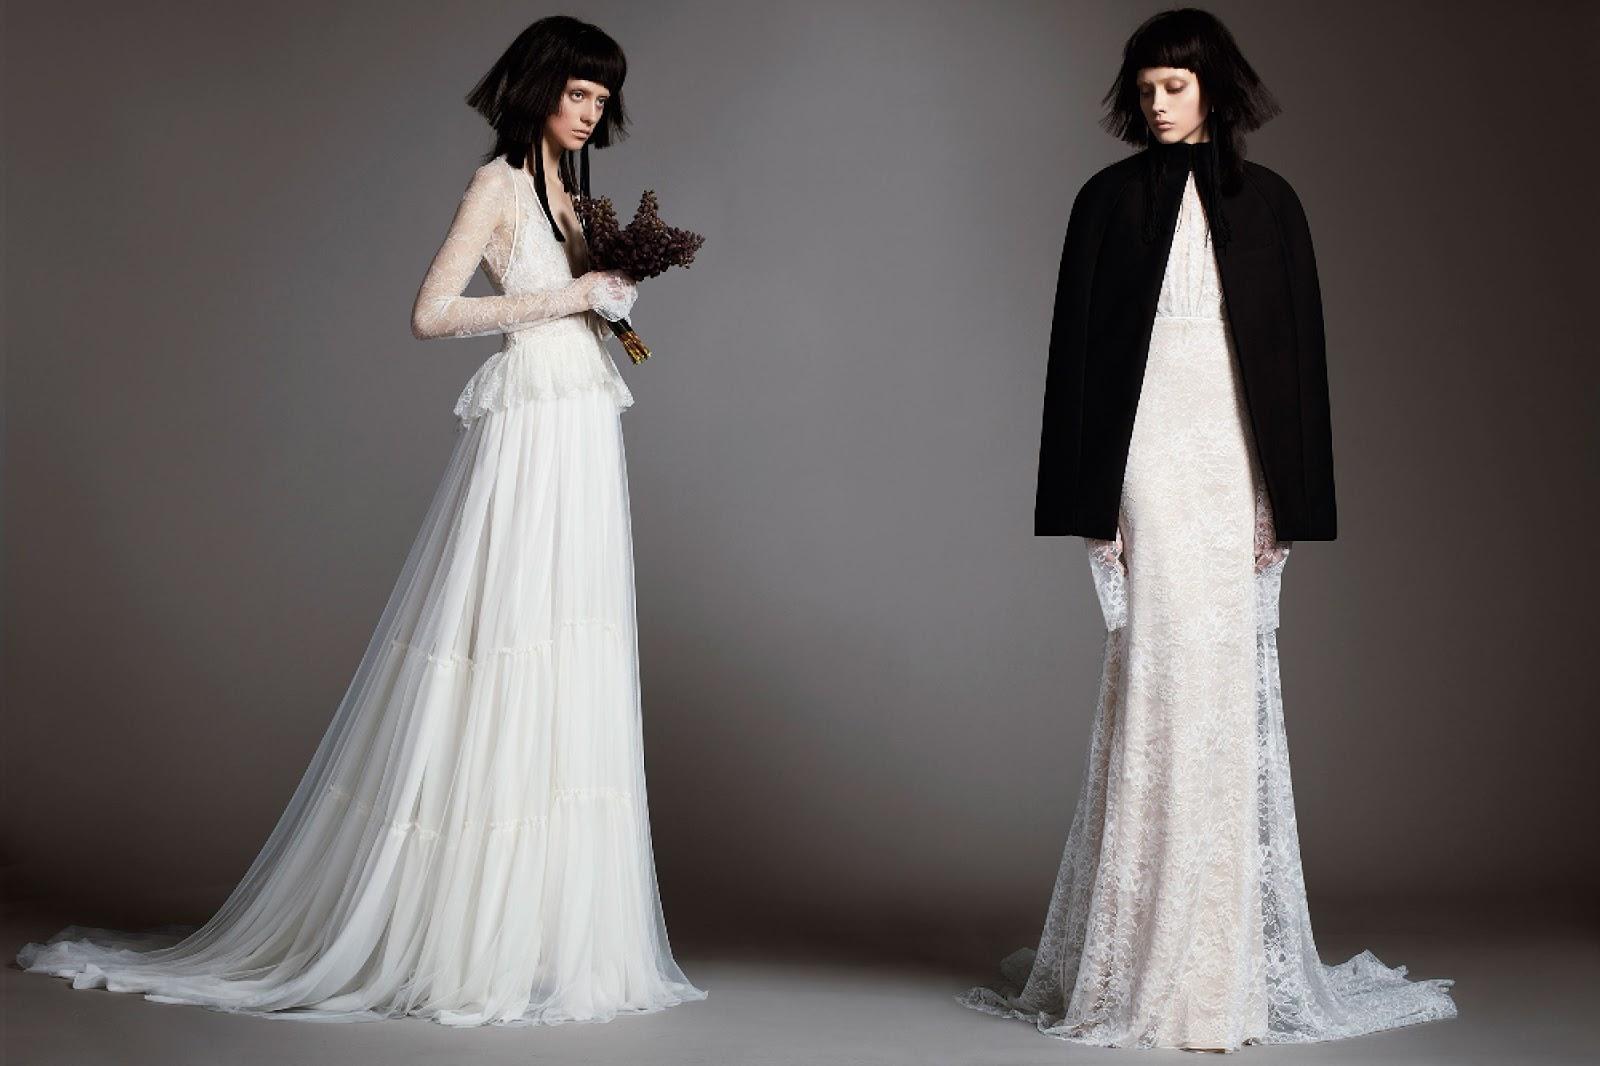 a6f4a5179cfdc Un modo moderno di vestire la sposa  ecco cosa cerca Carolina Herrera nella  sua collezione Bridal 2018. La soluzione sono abiti ipermoderni